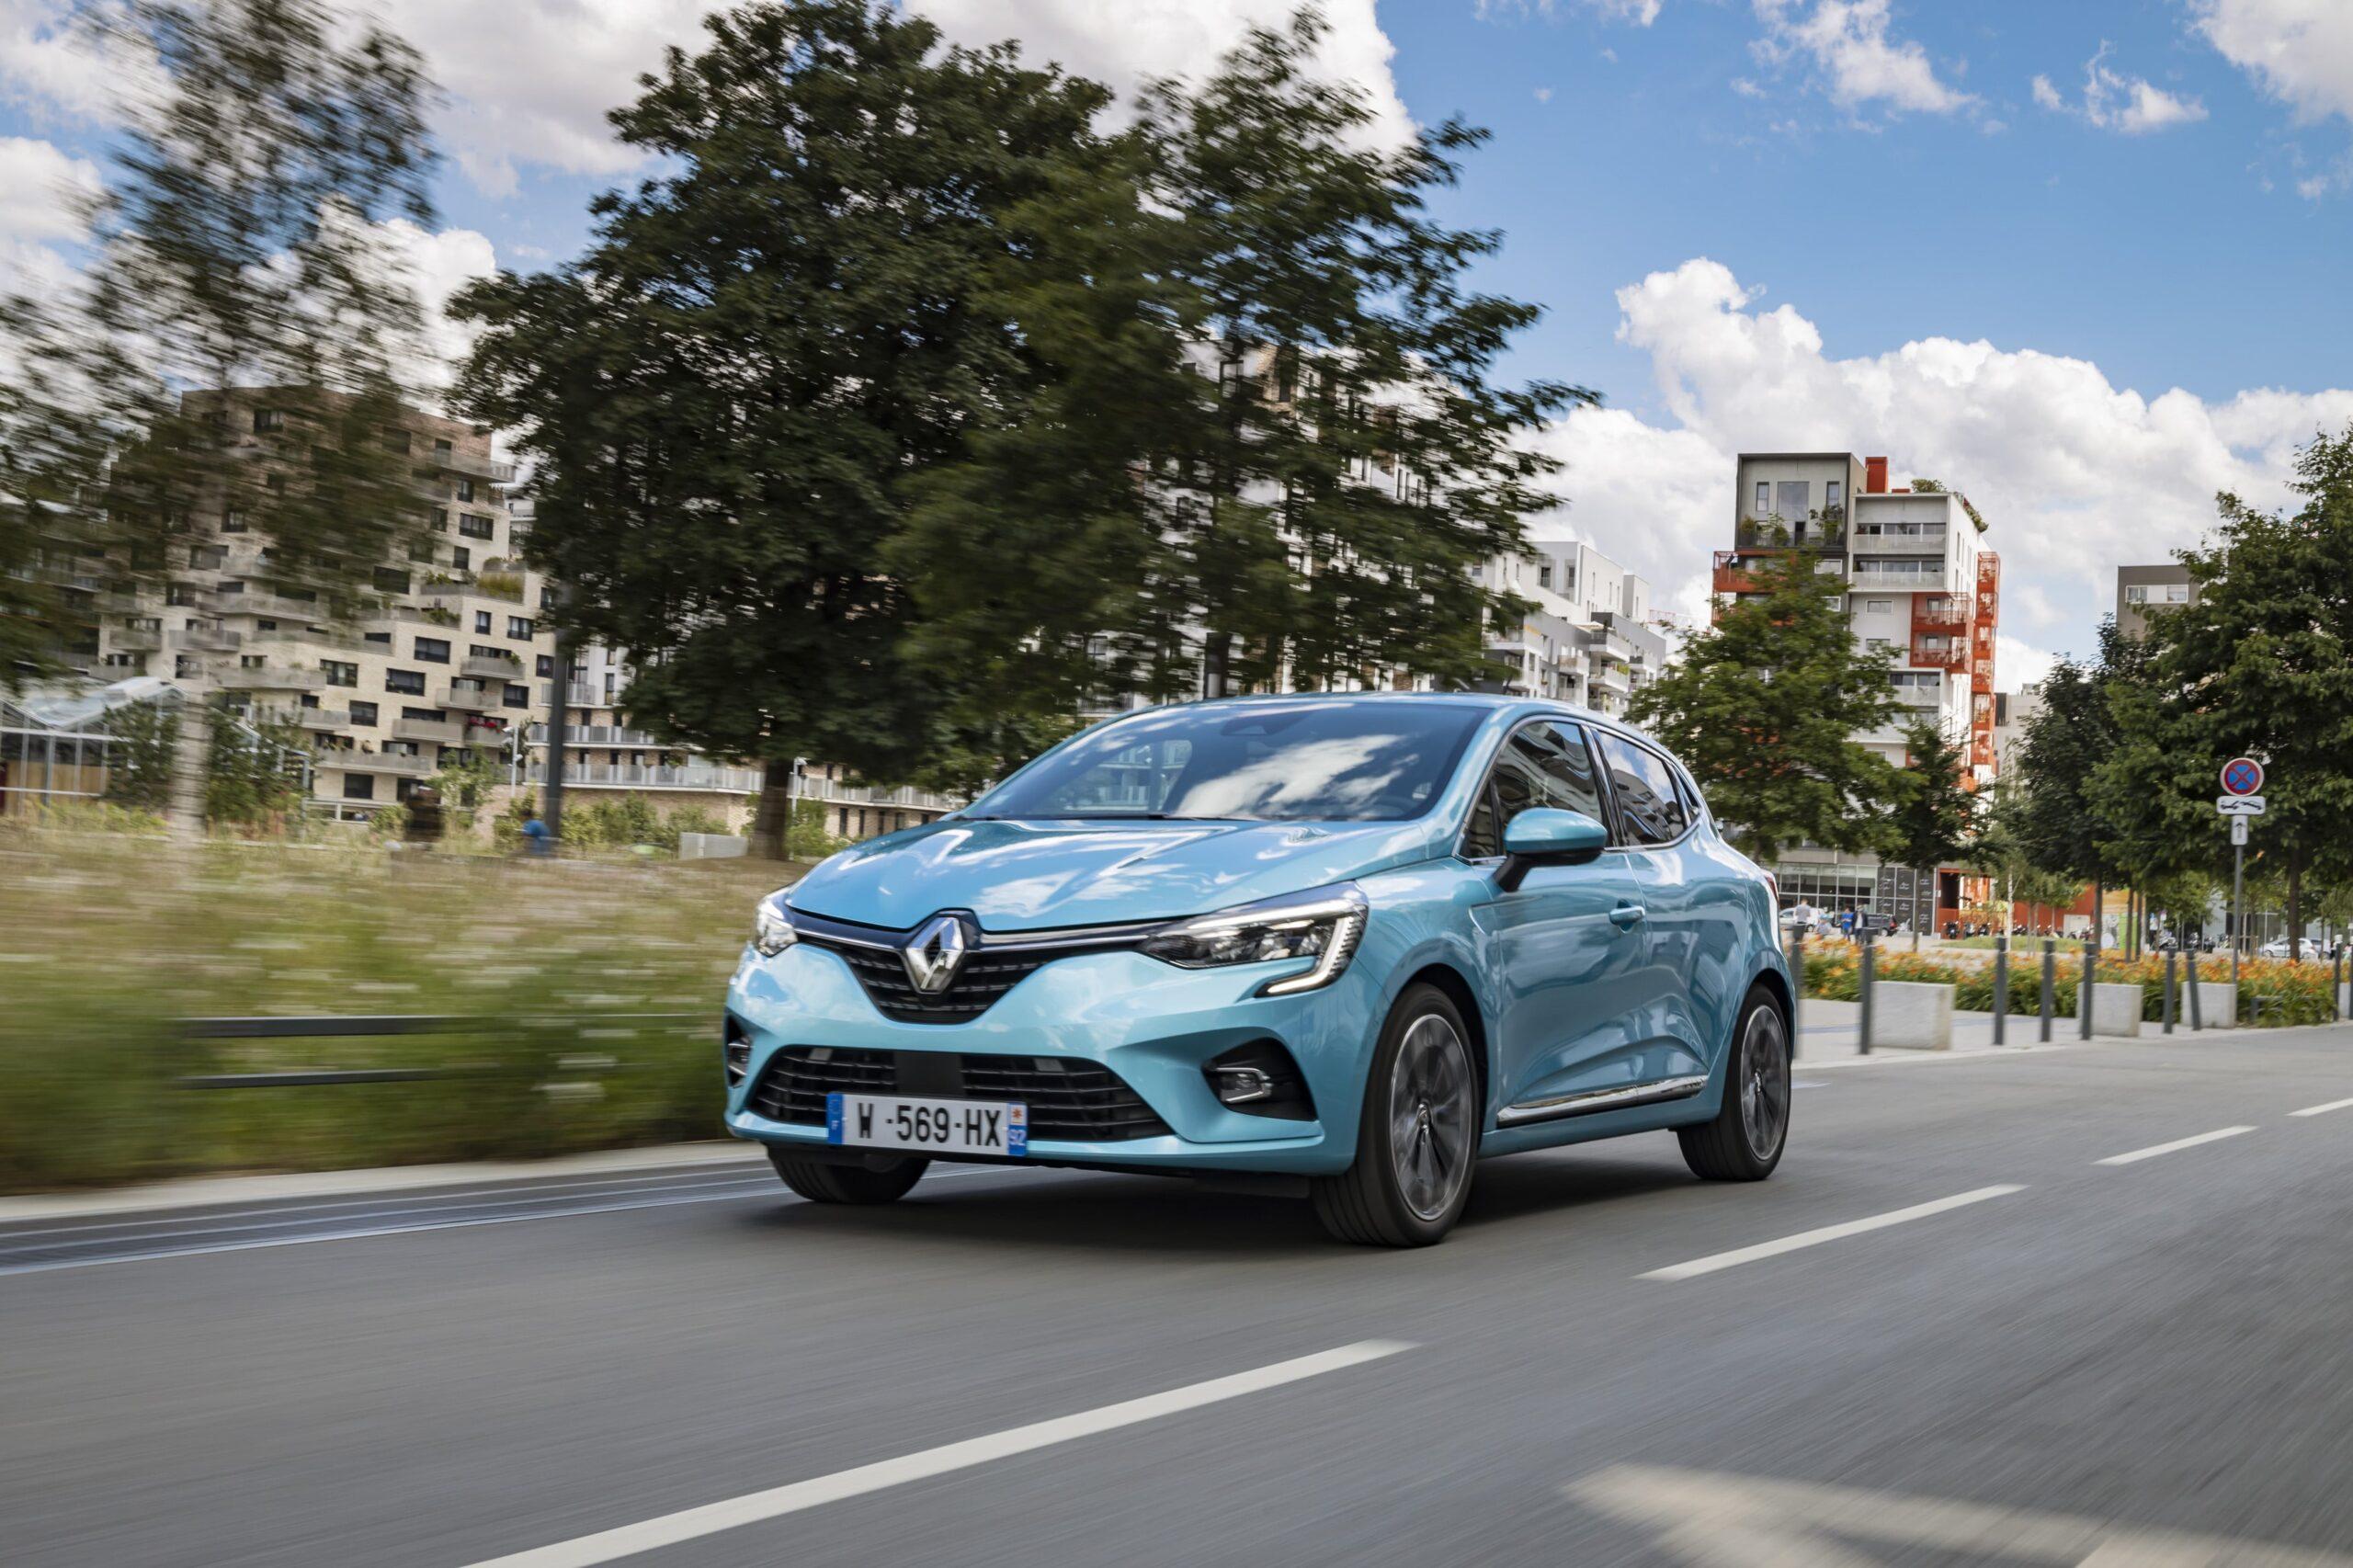 Nuova Clio E-tech Frontale